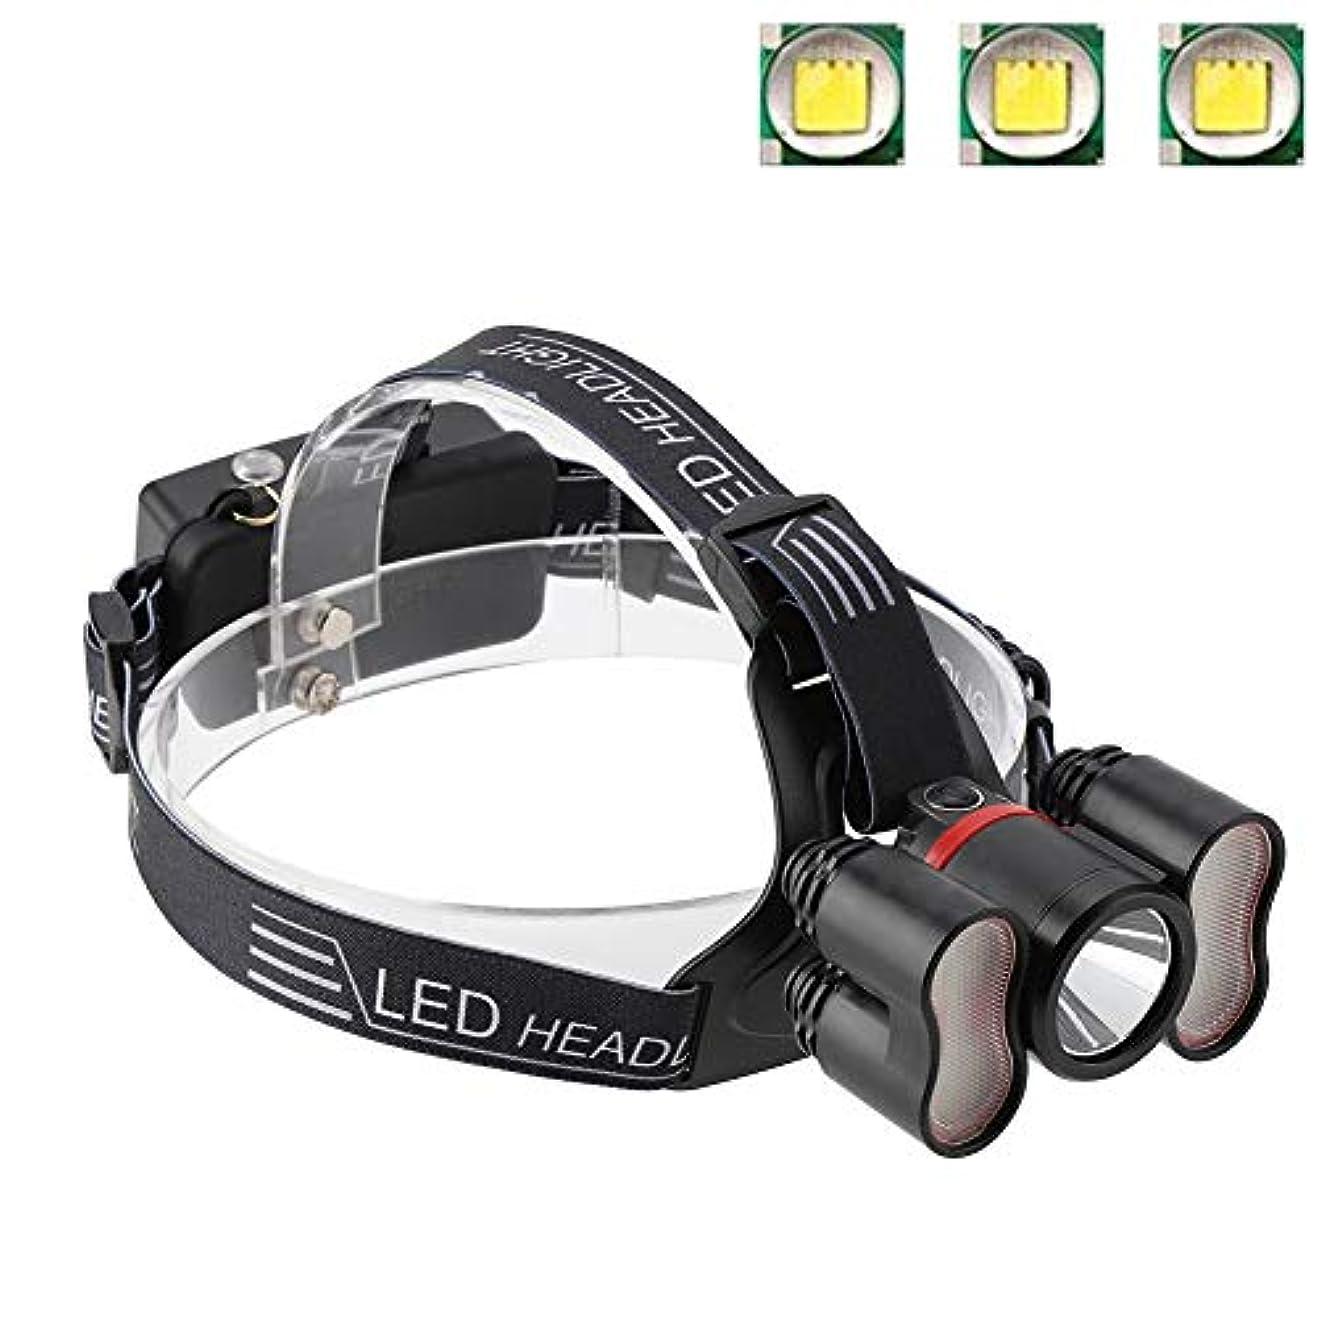 味方好奇心ライセンスヘッドライト懐中電灯、2000LMヘッドライト18650 LED USB充電式防水トラベルヘッドトーチキャンプランプランニングハイキング釣りに適して(#1)